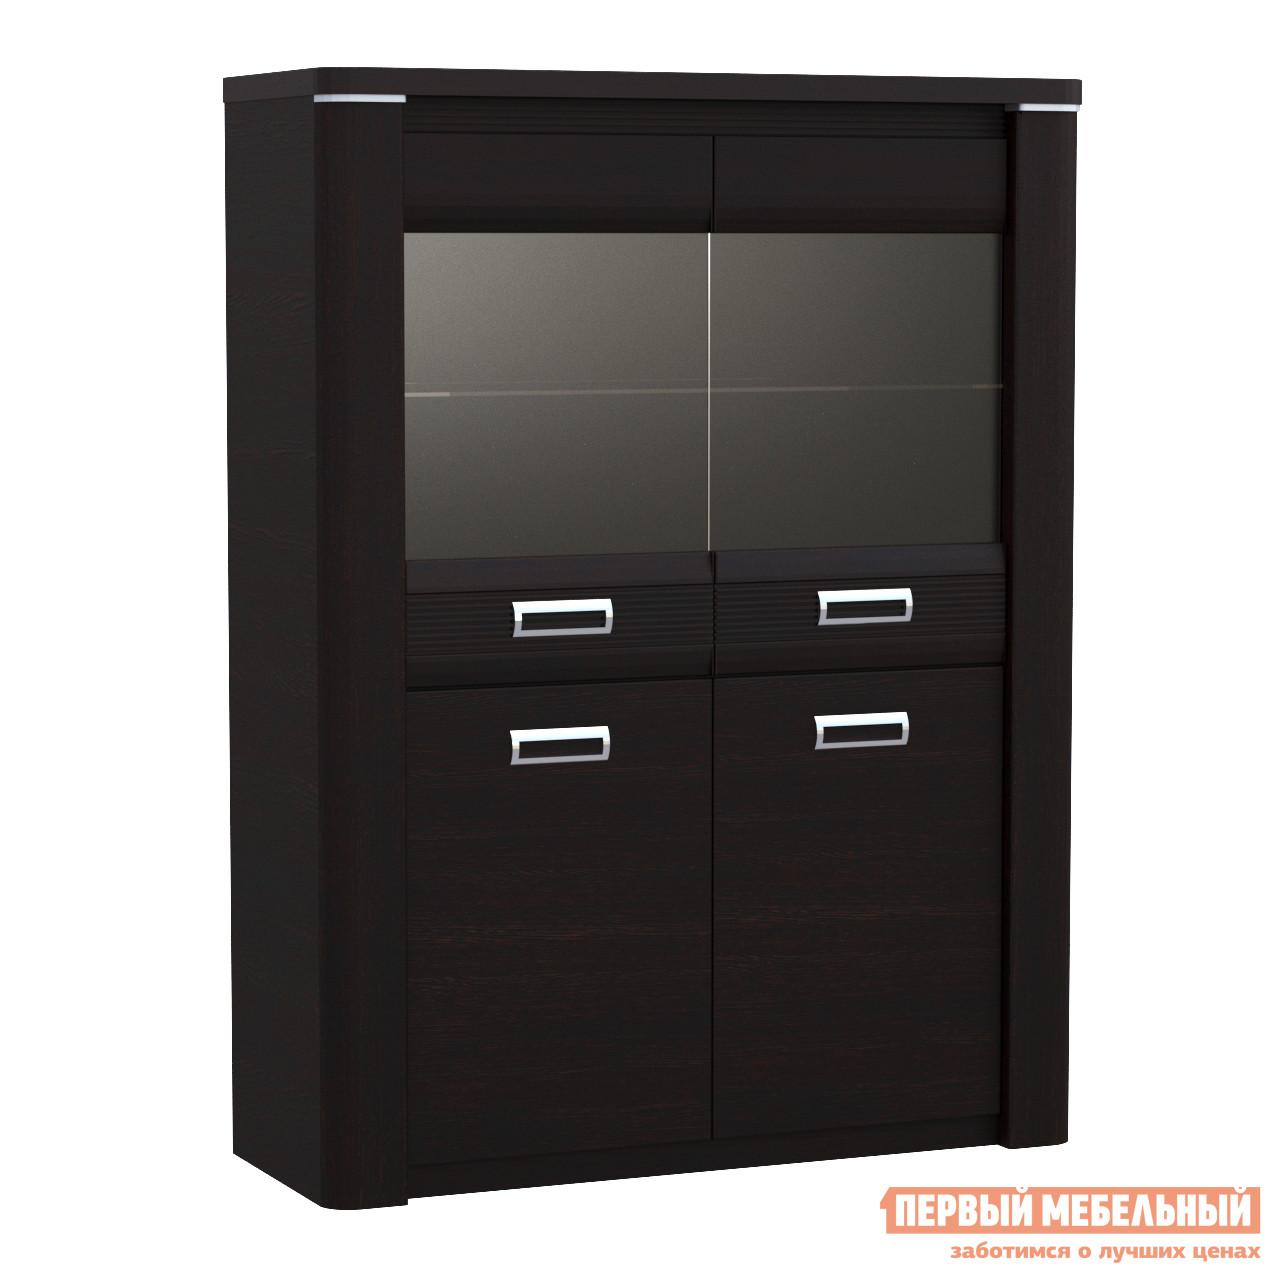 Шкаф-витрина Первый Мебельный Магнолия ГМ-5 пенал со стеклом низкий